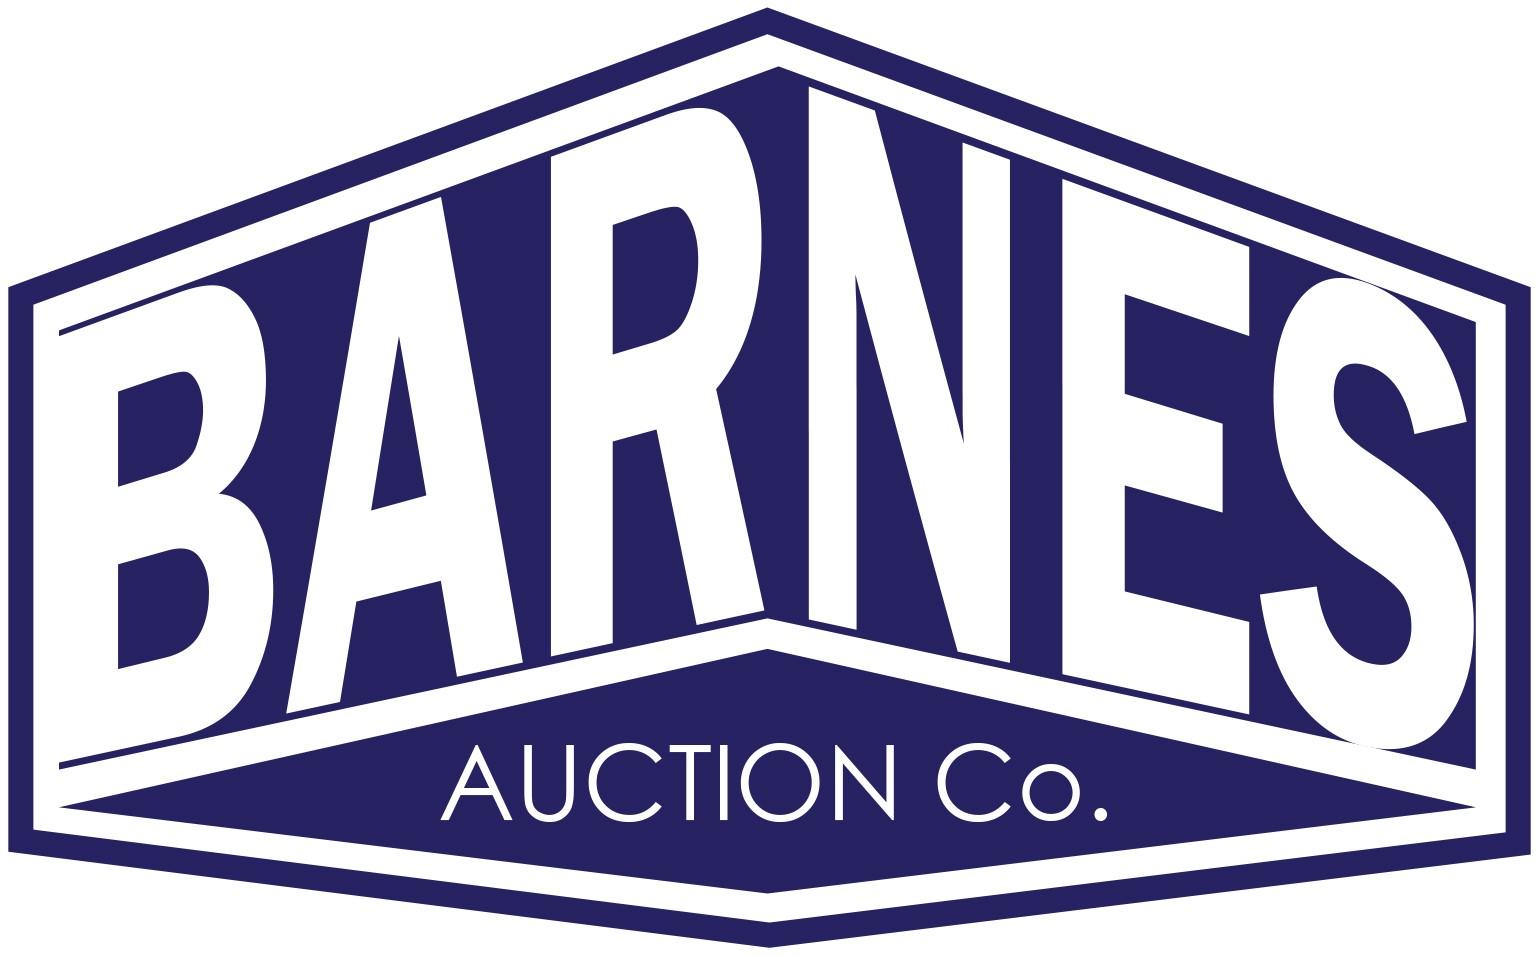 Barnes Auction Co.